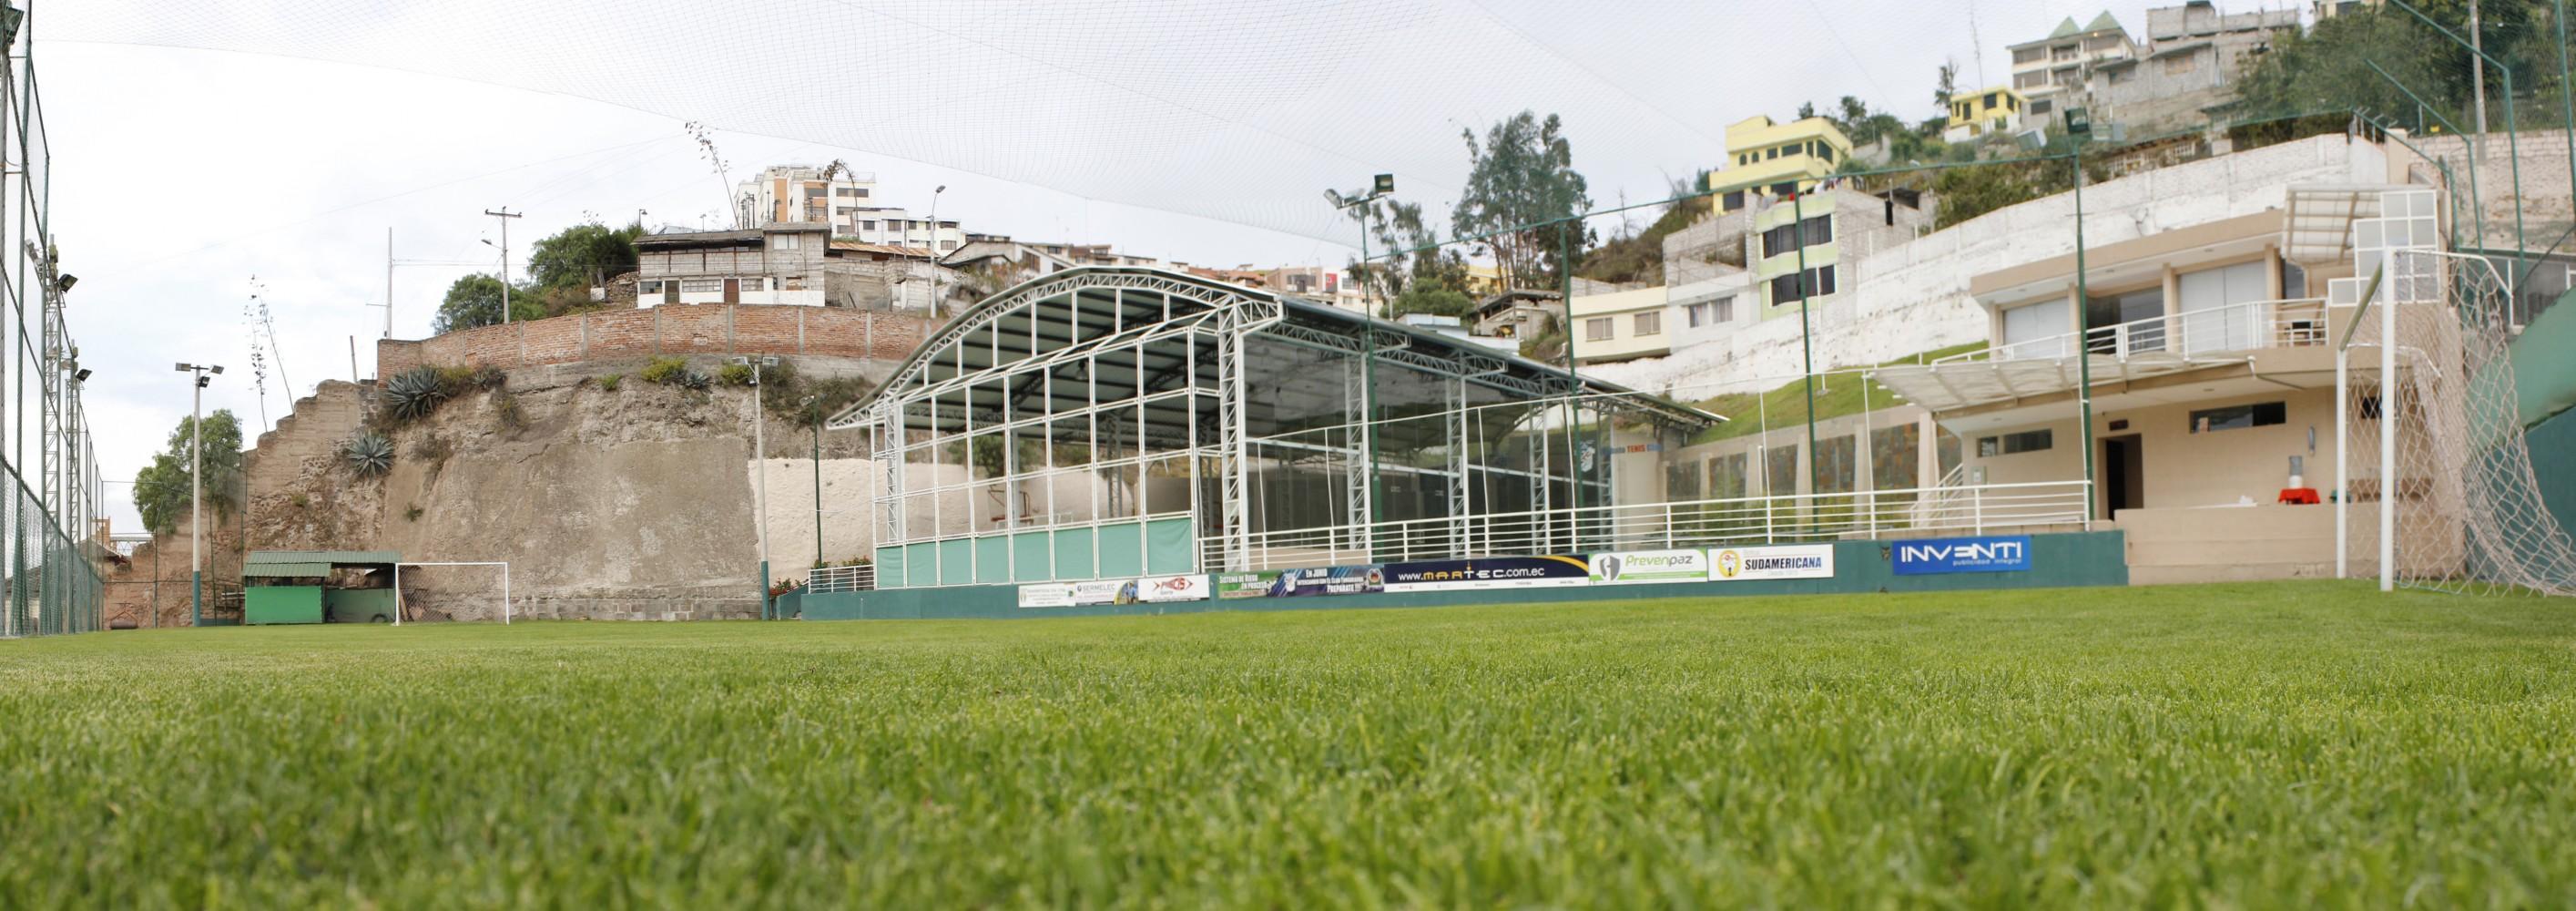 74ca557ec9dca Entrenamientos de Futbol Socios Junior - Ambato Tenis Club